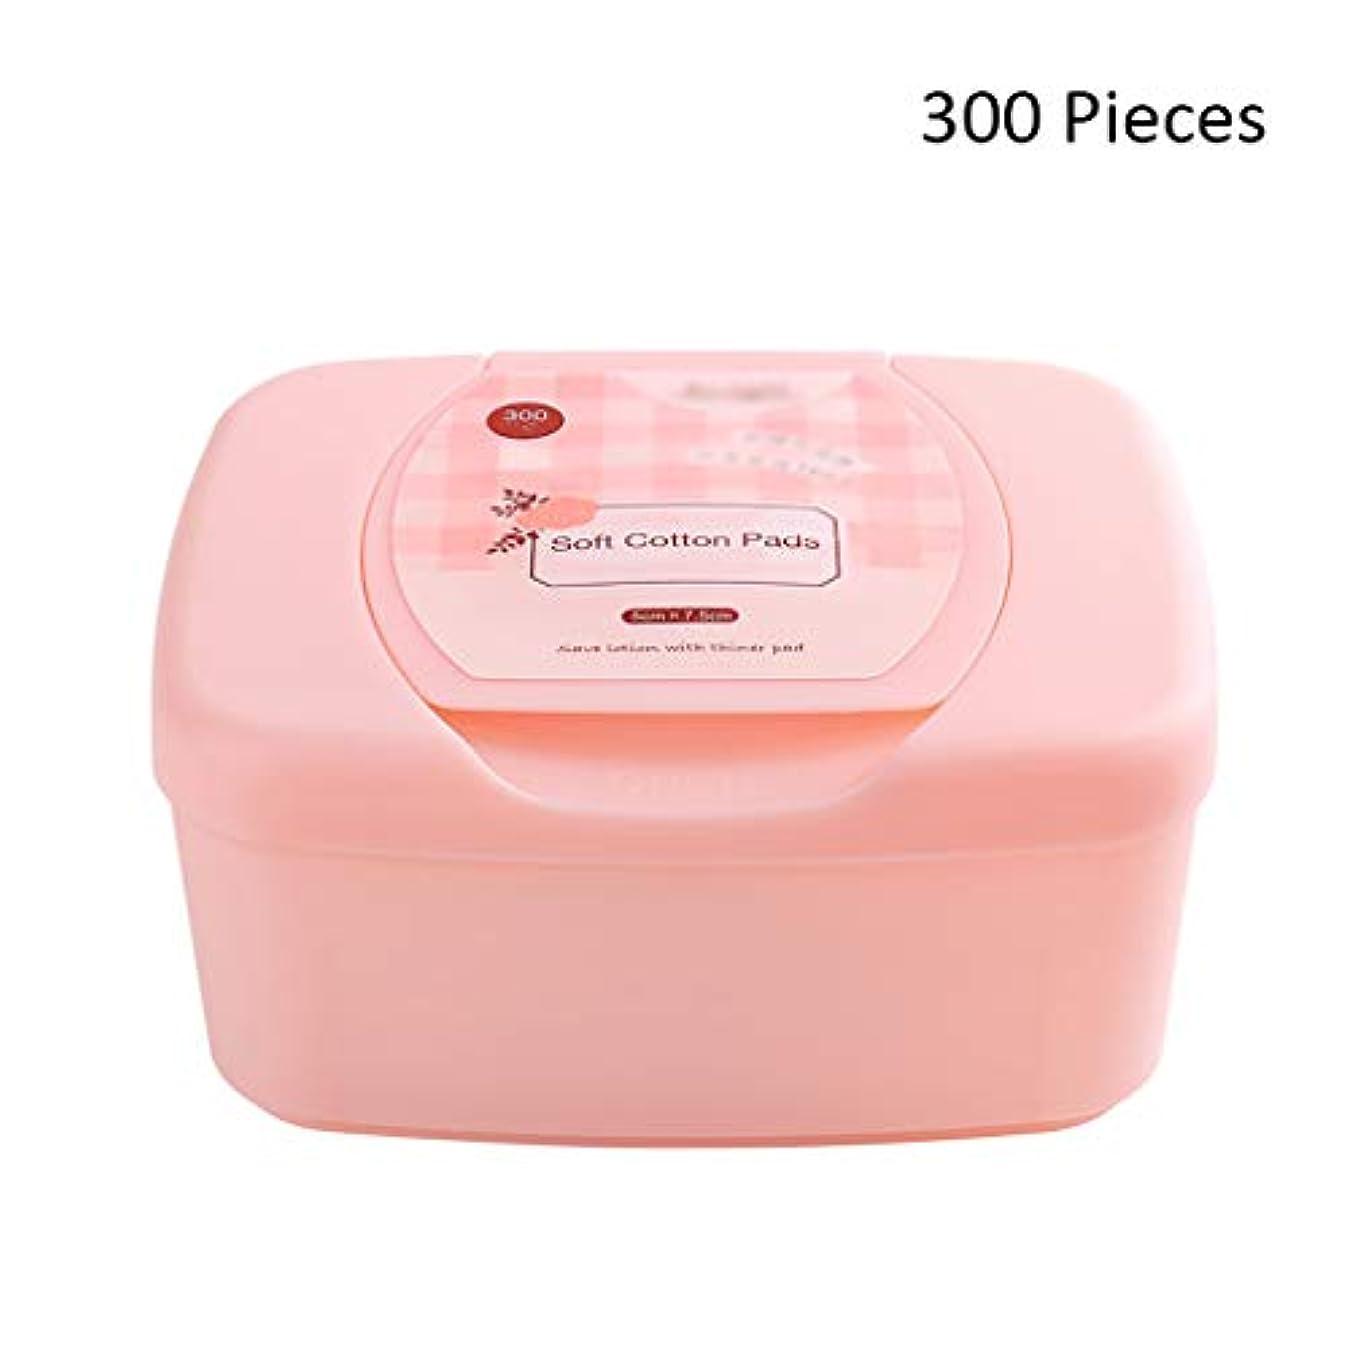 ホラー科学者花化粧パッド 300ピース顔メイクコットンワイプフェイスクレンジングパフネイルポリッシュリムーバーリムーバブル化粧品スキンケアパッド付きケース メイク落とし化粧パッド (Color : Pink, サイズ : 7.5*5cm)